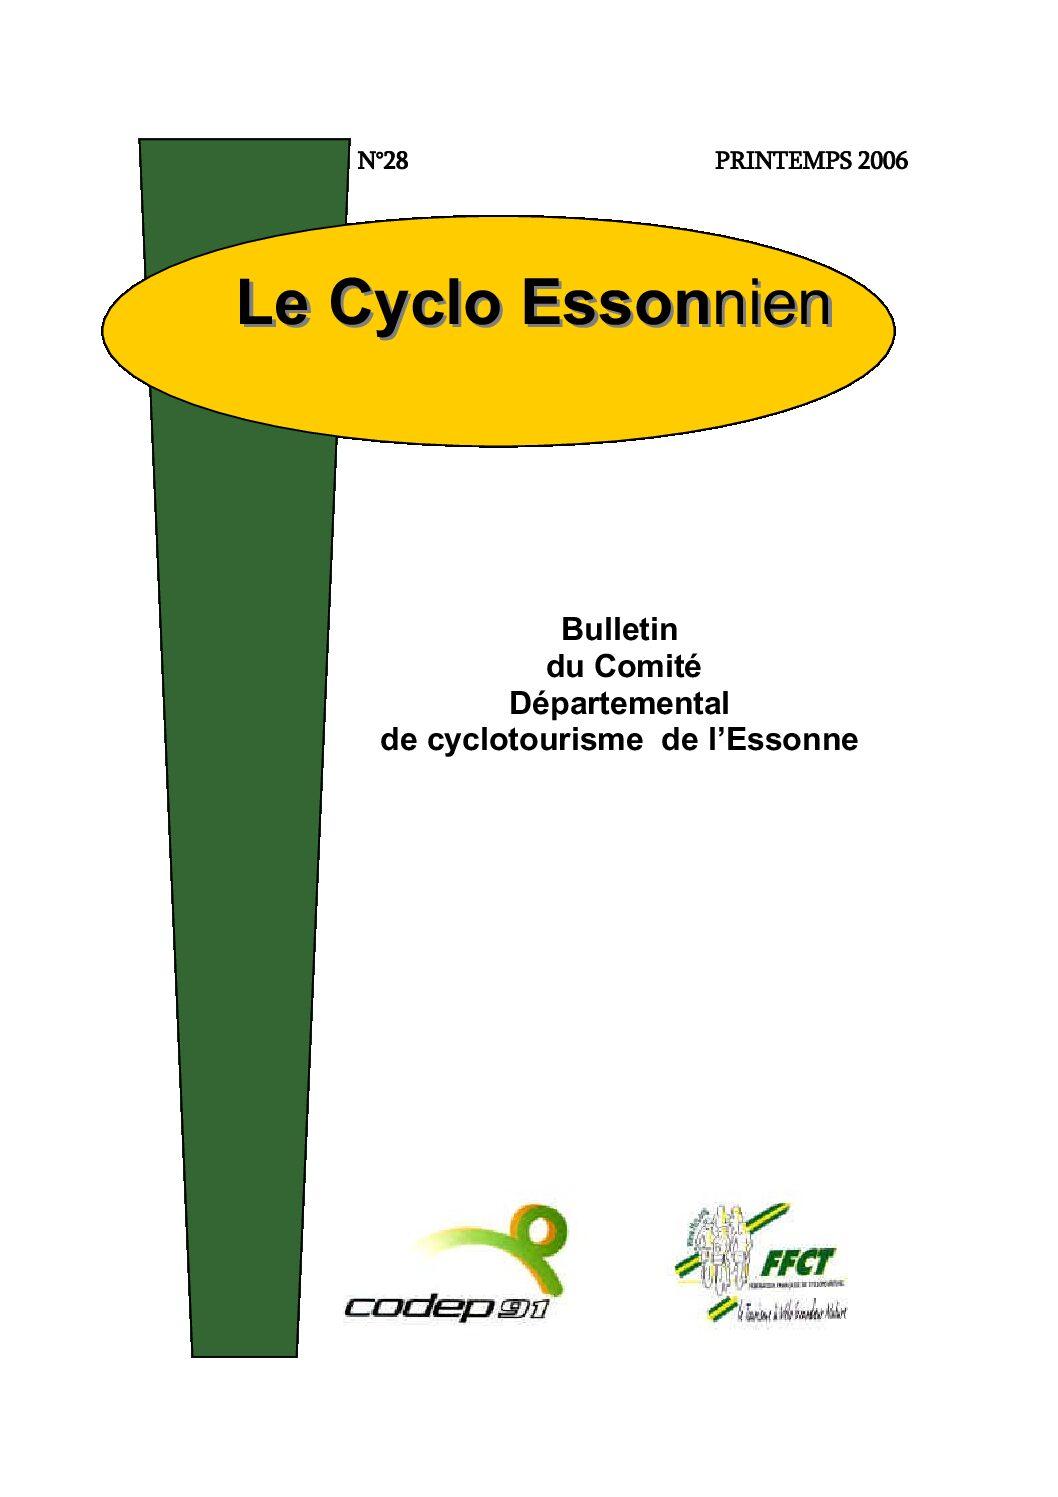 Le Cyclo Essonnien n°28